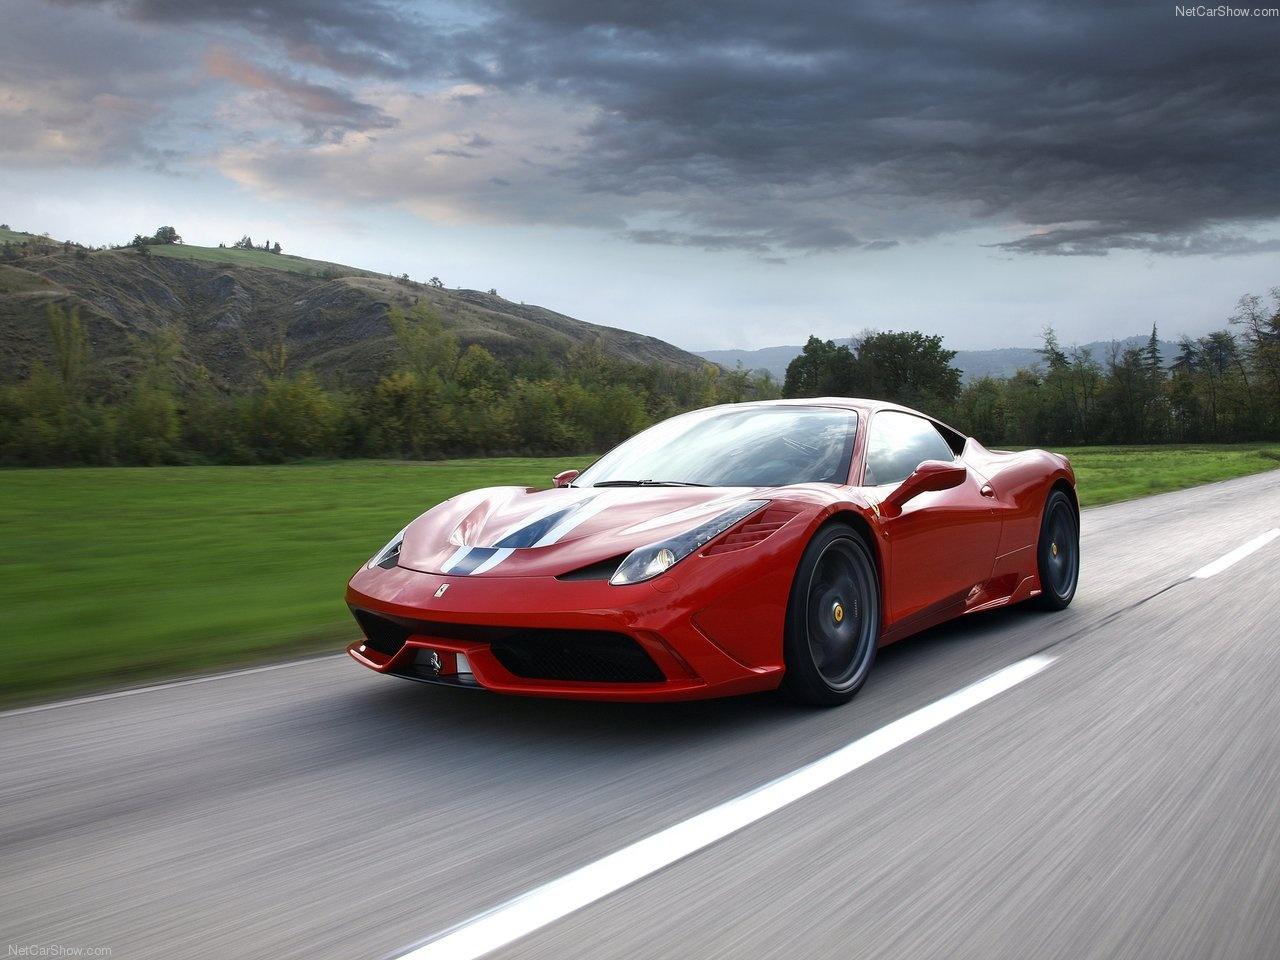 458 اسپشیاله٬ دینامیک ترین خودروی تاریخ فراری